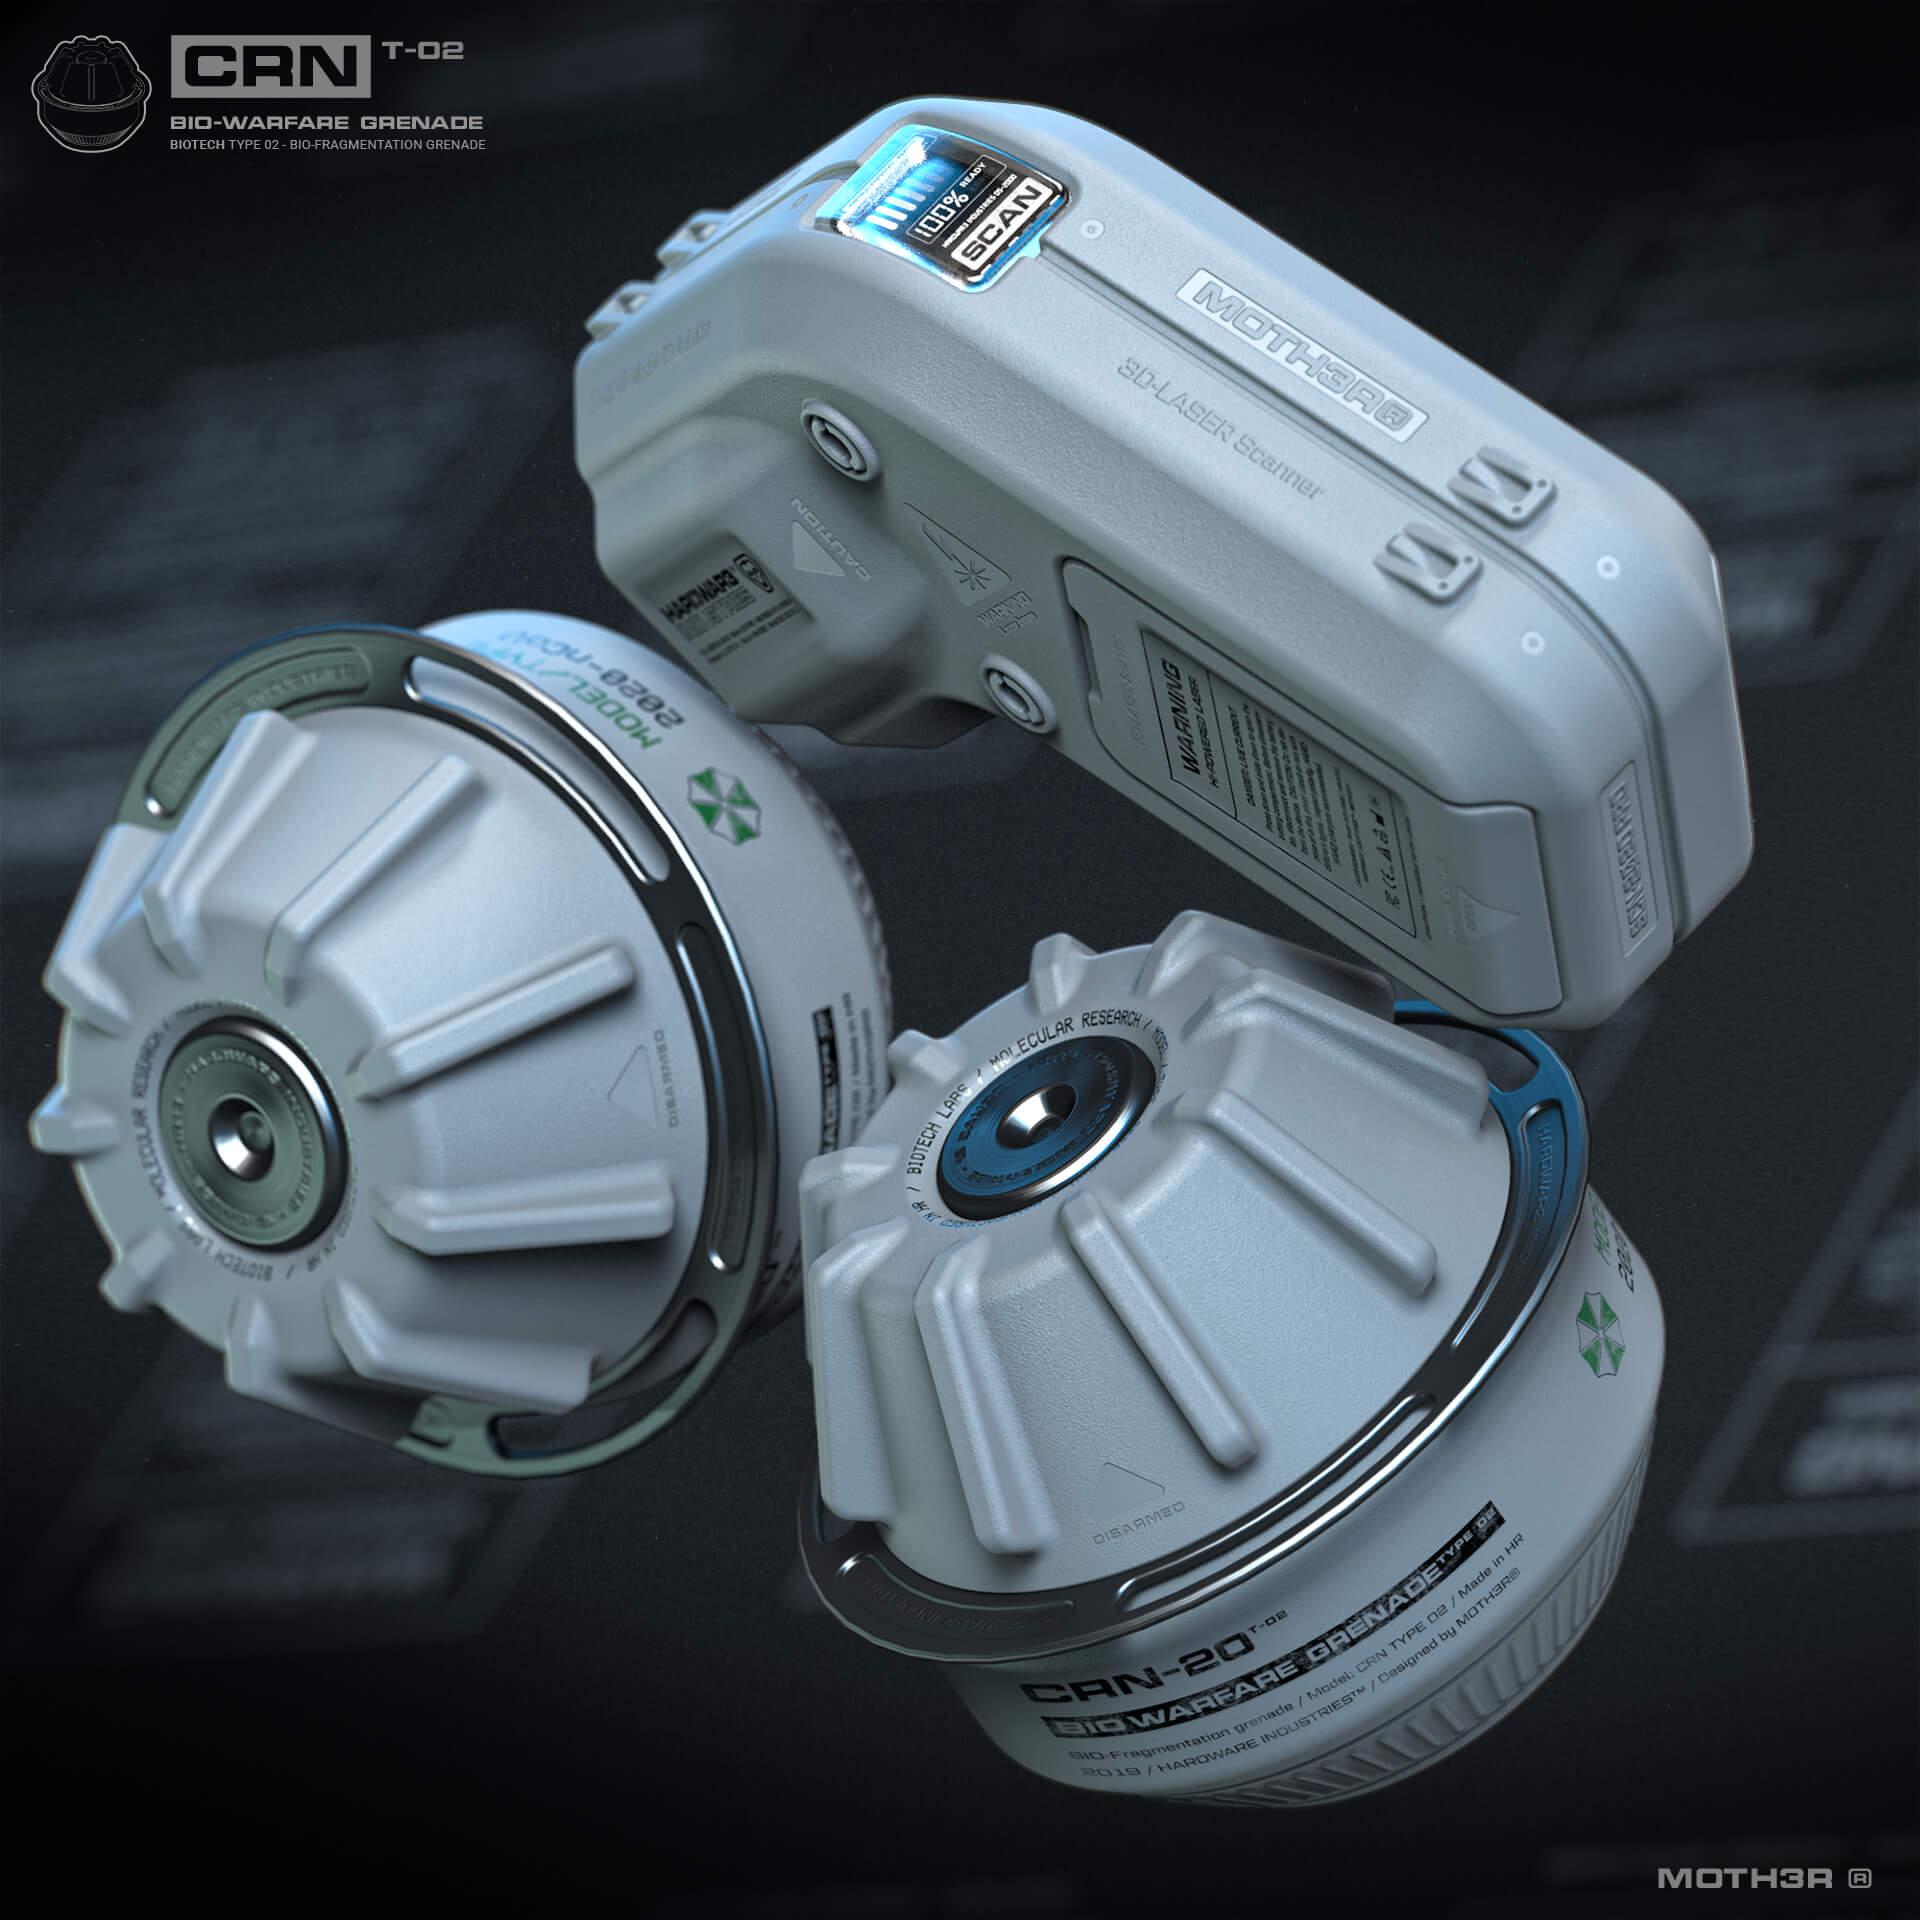 Scanner-001.130